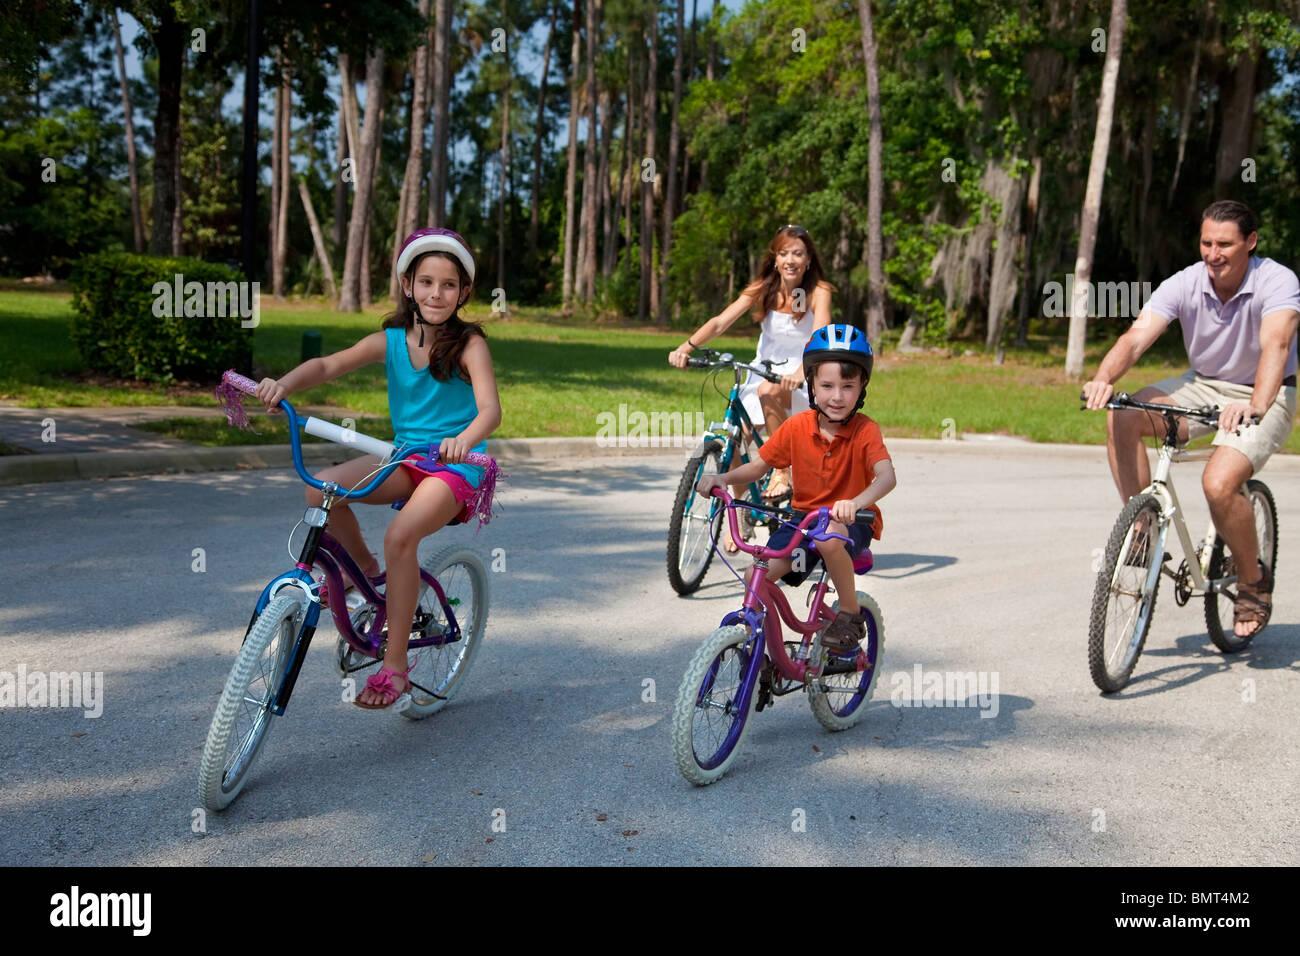 Una moderna famiglia di due genitori e due figli, un ragazzo e una ragazza, in bicicletta assieme. Foto Stock